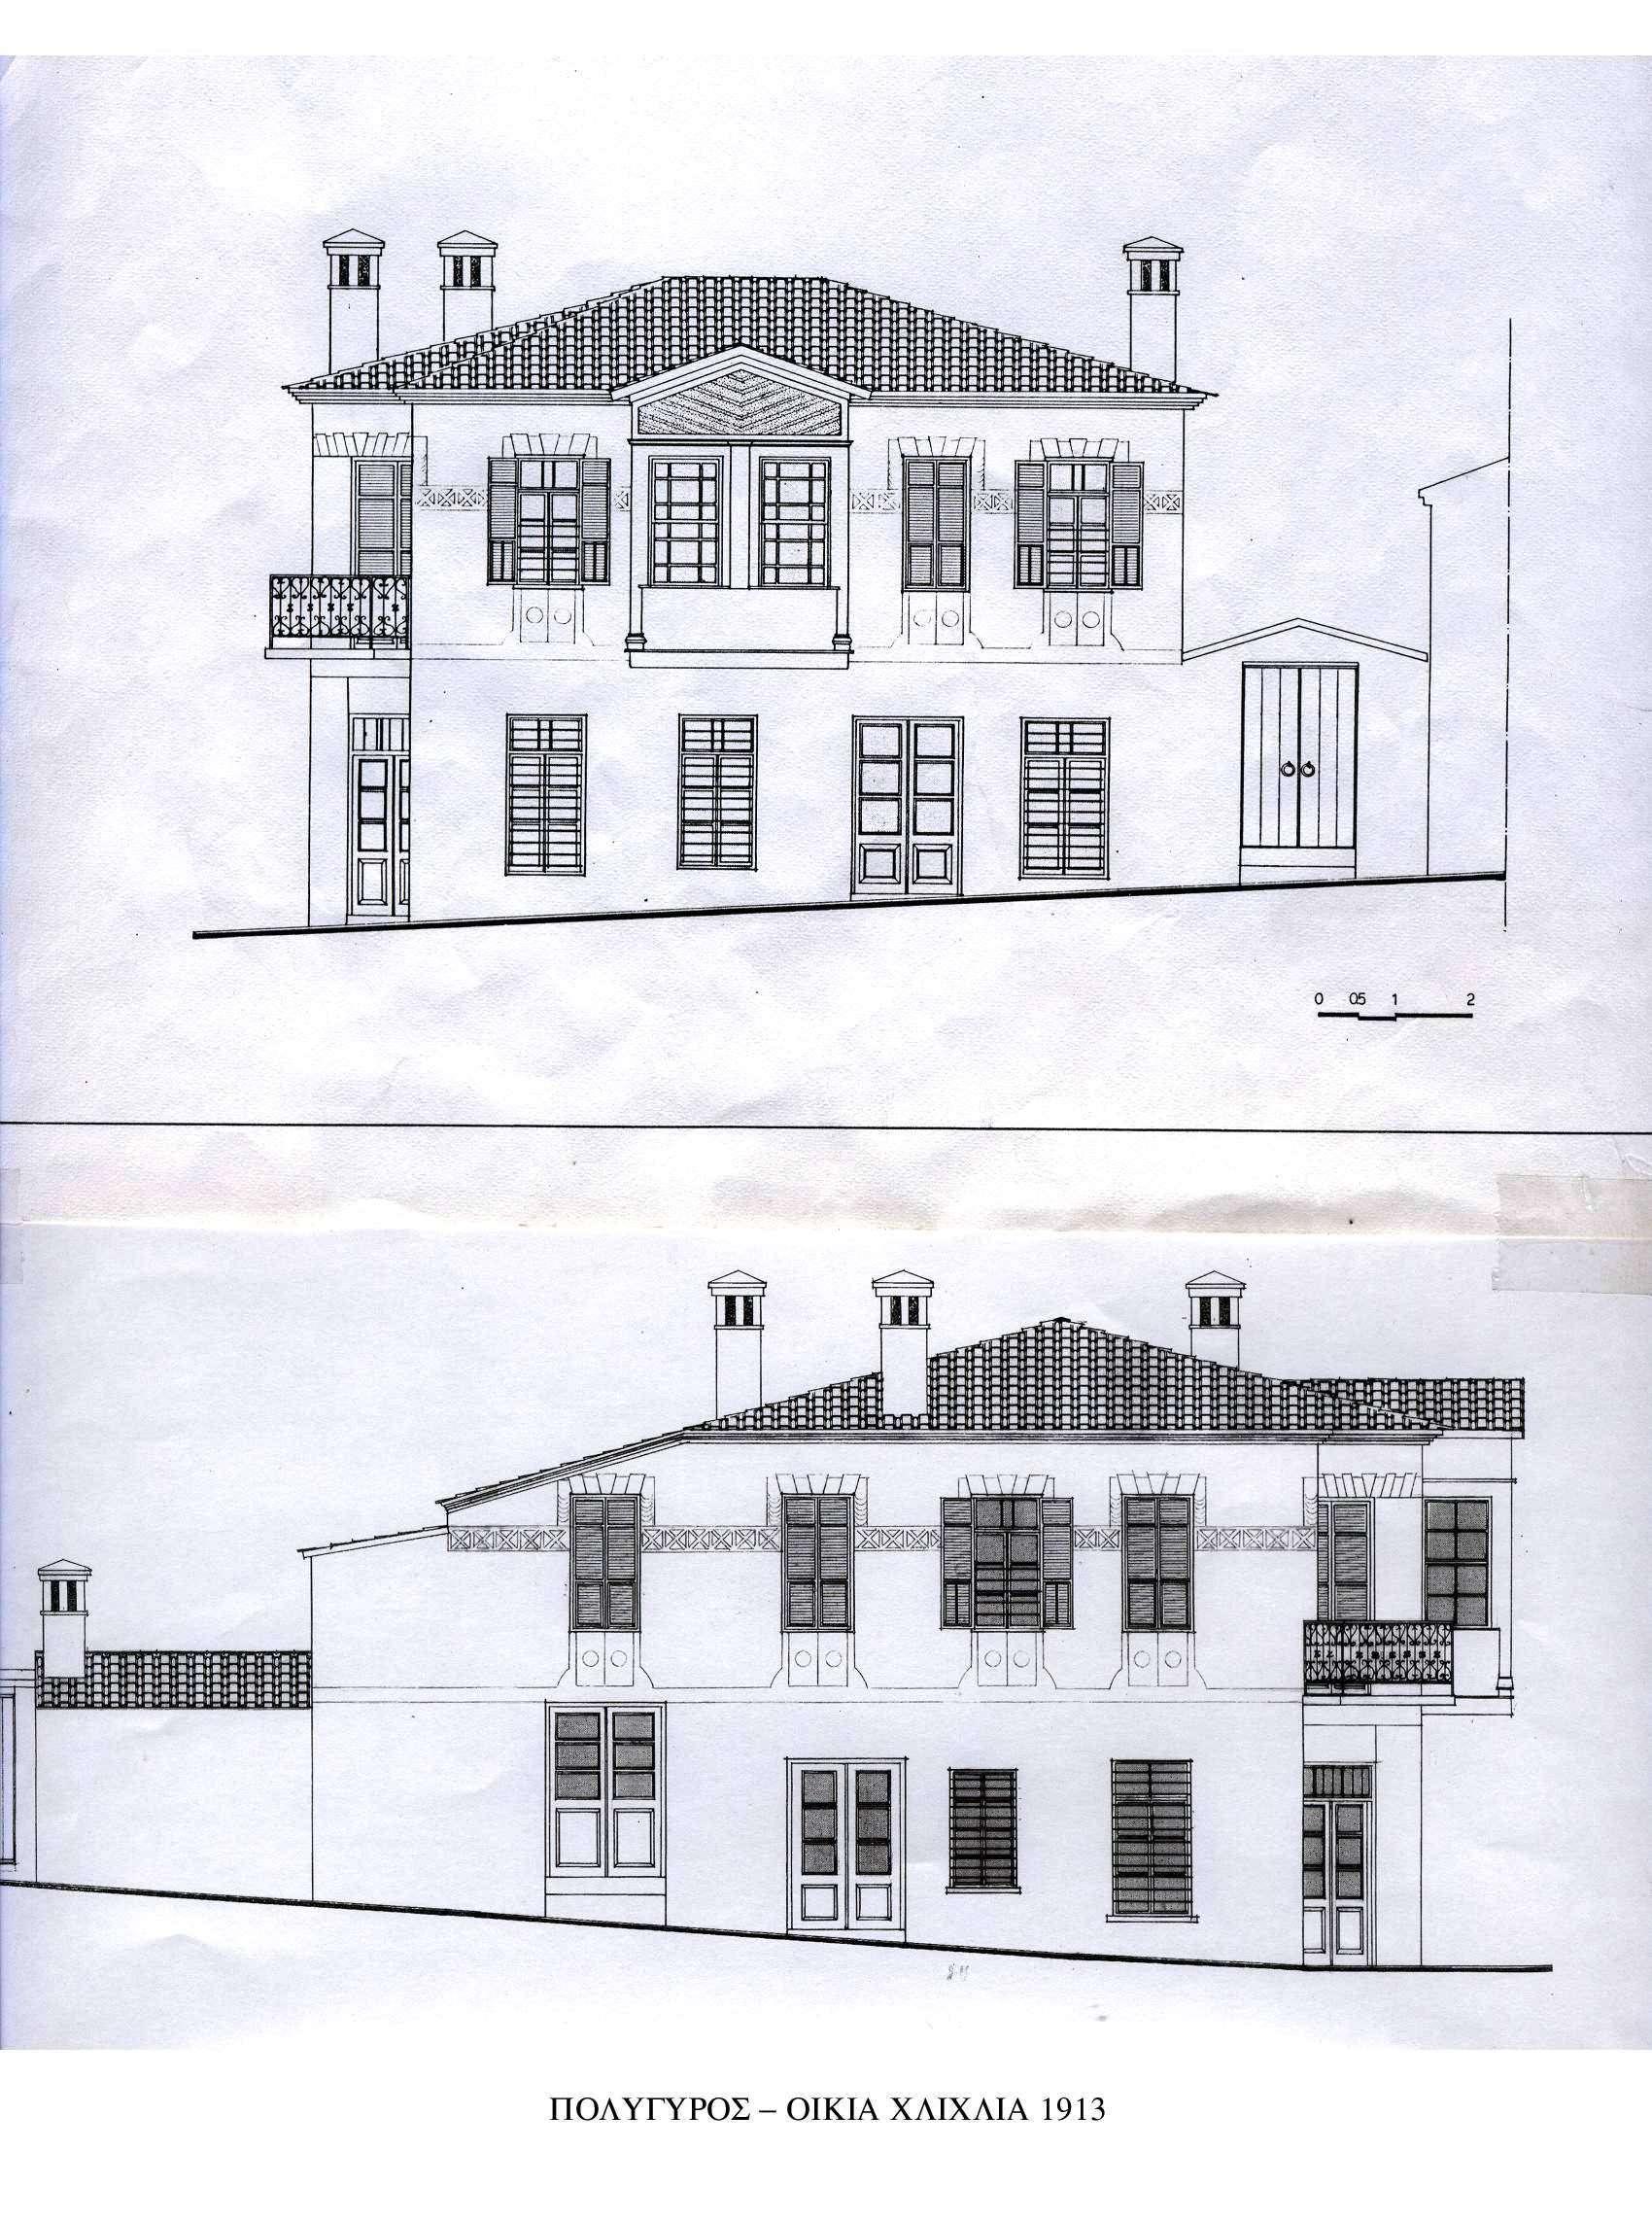 Η αρχιτεκτονική ως συμβολή στο οπτικό περιβάλλον και στην ανάπτυξη